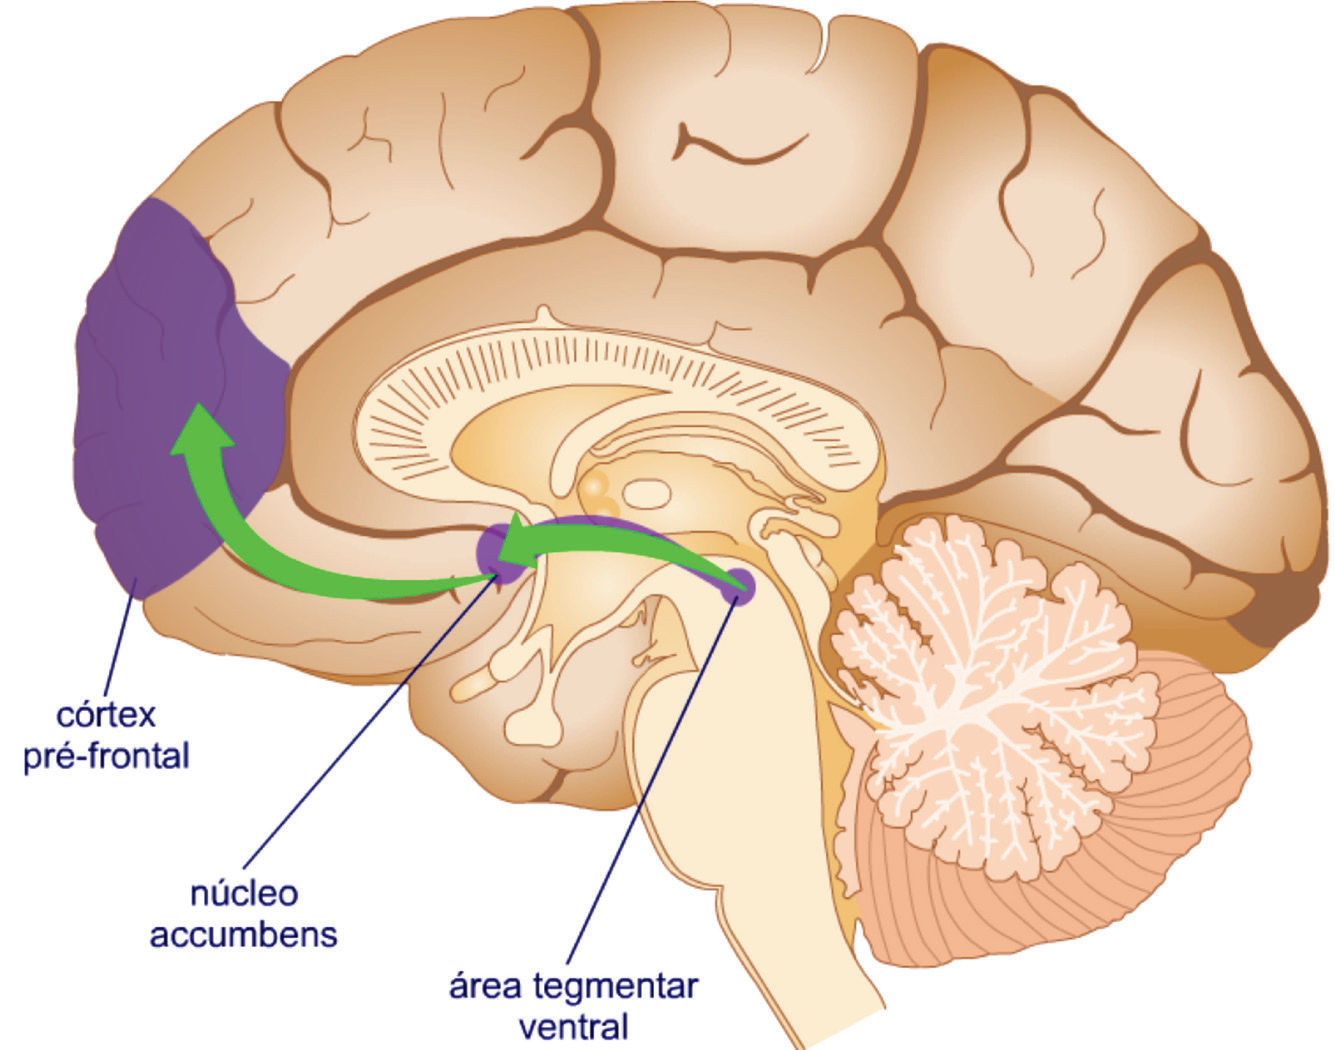 Circuito Neuronal : El circuito de recompensa punto débil y aliado la ciencia del